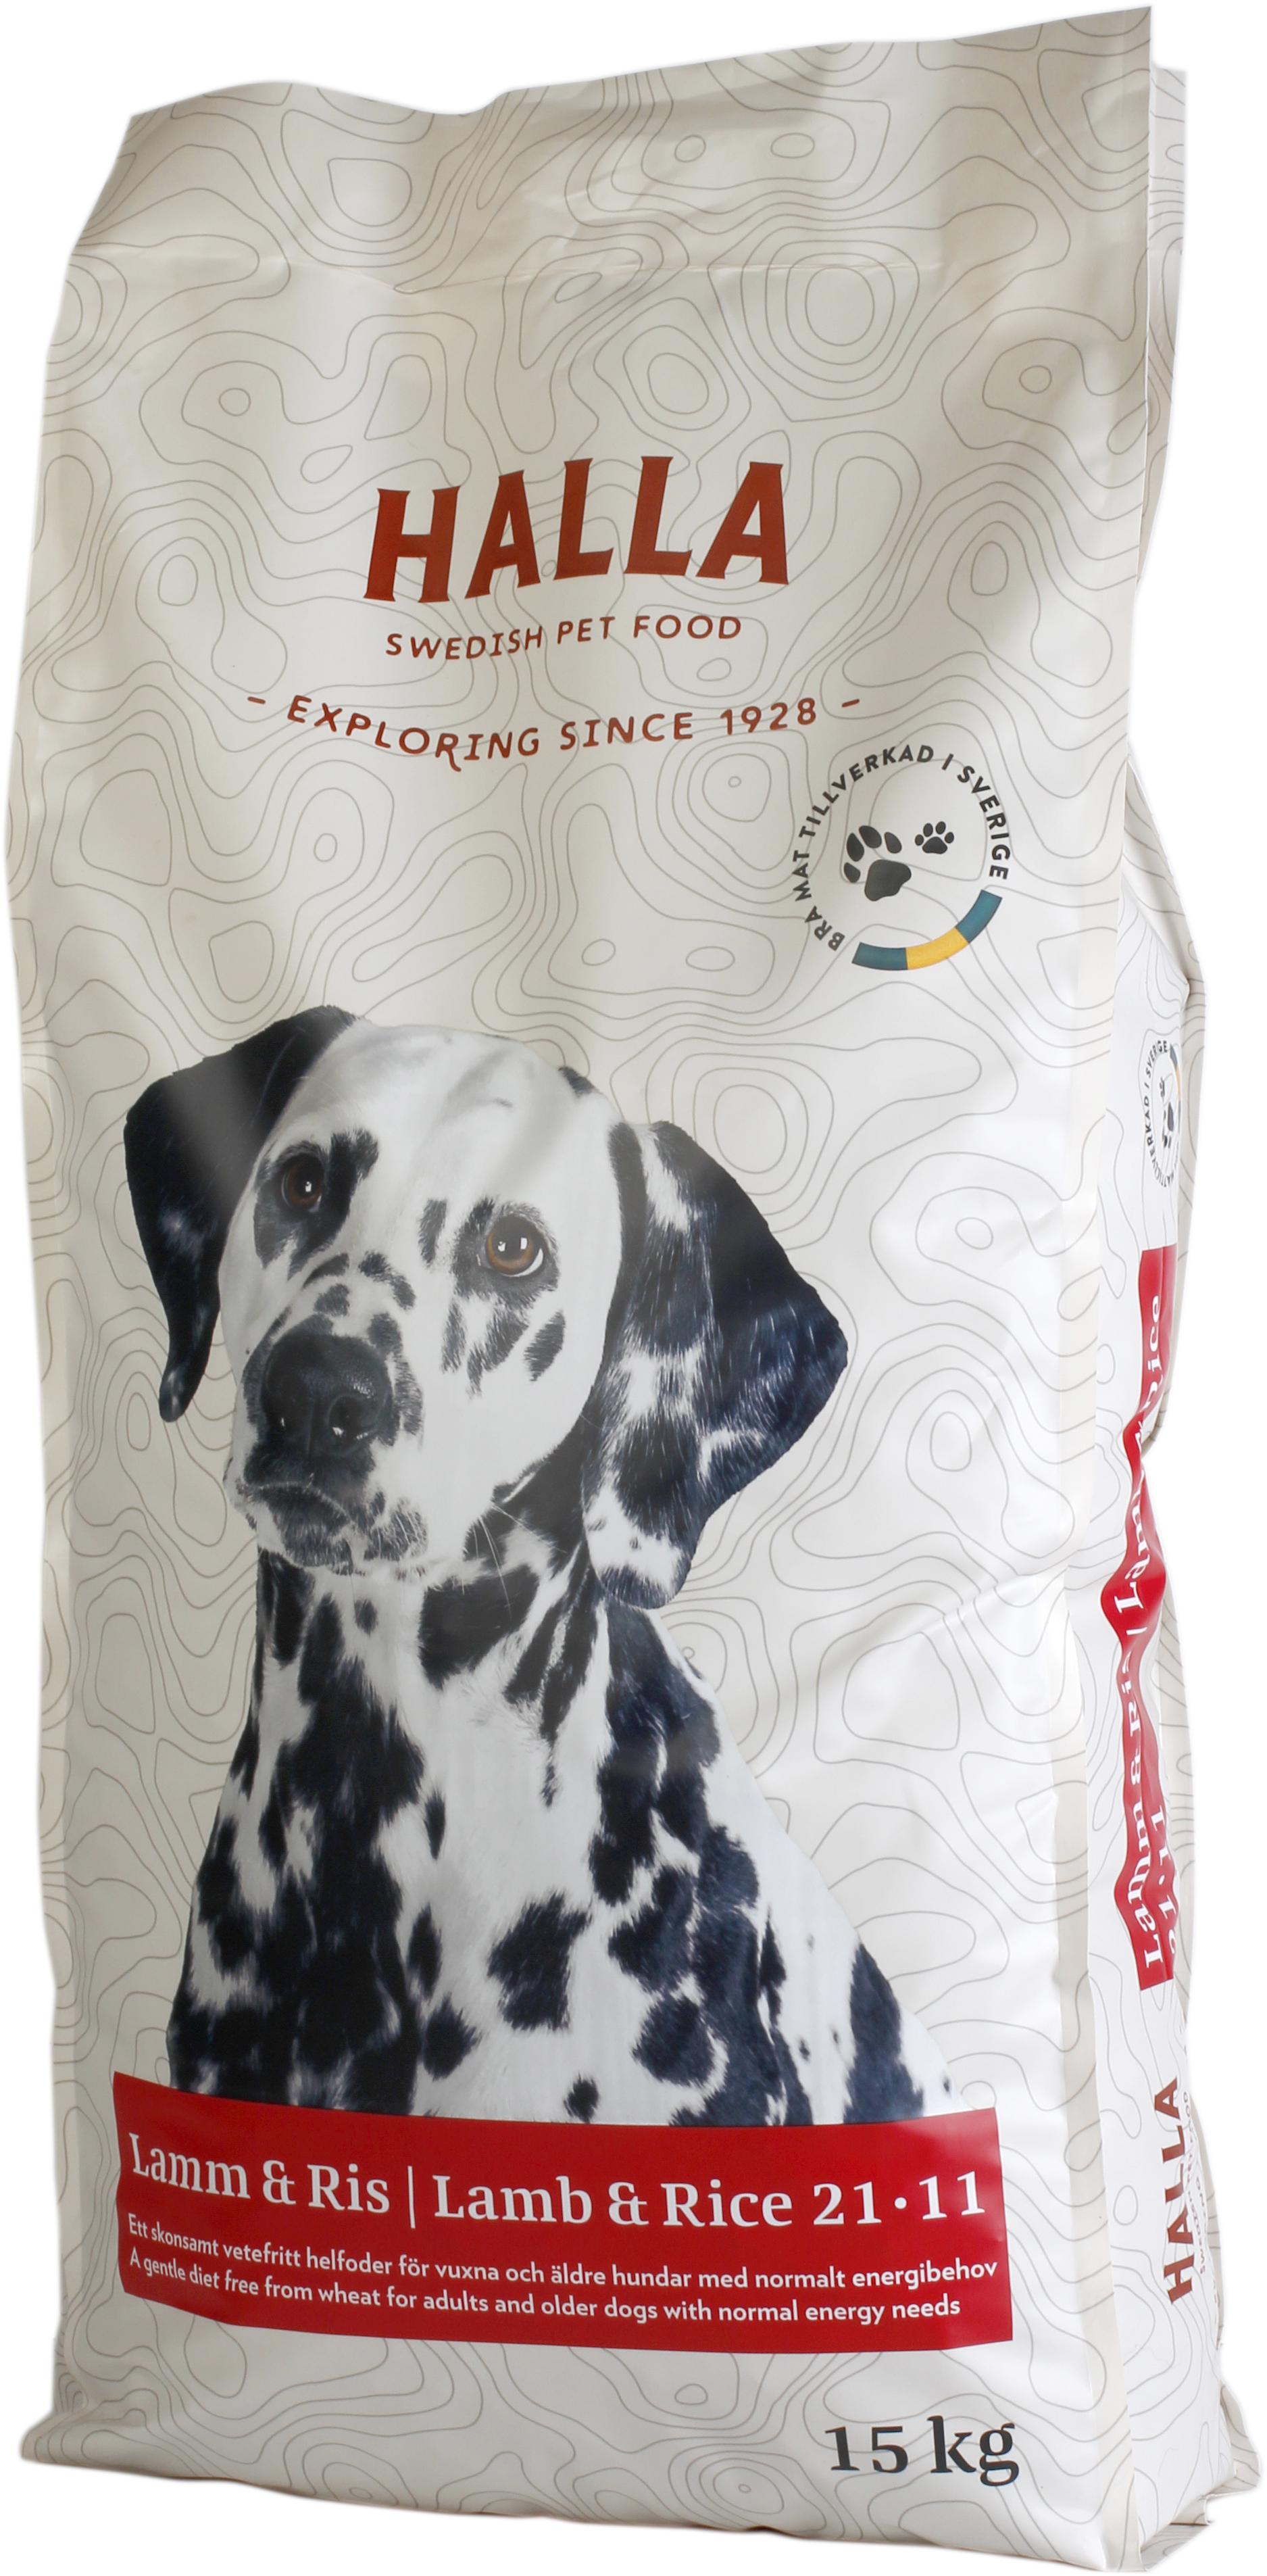 Hundfoder Halla Lamm och Ris, 15 kg